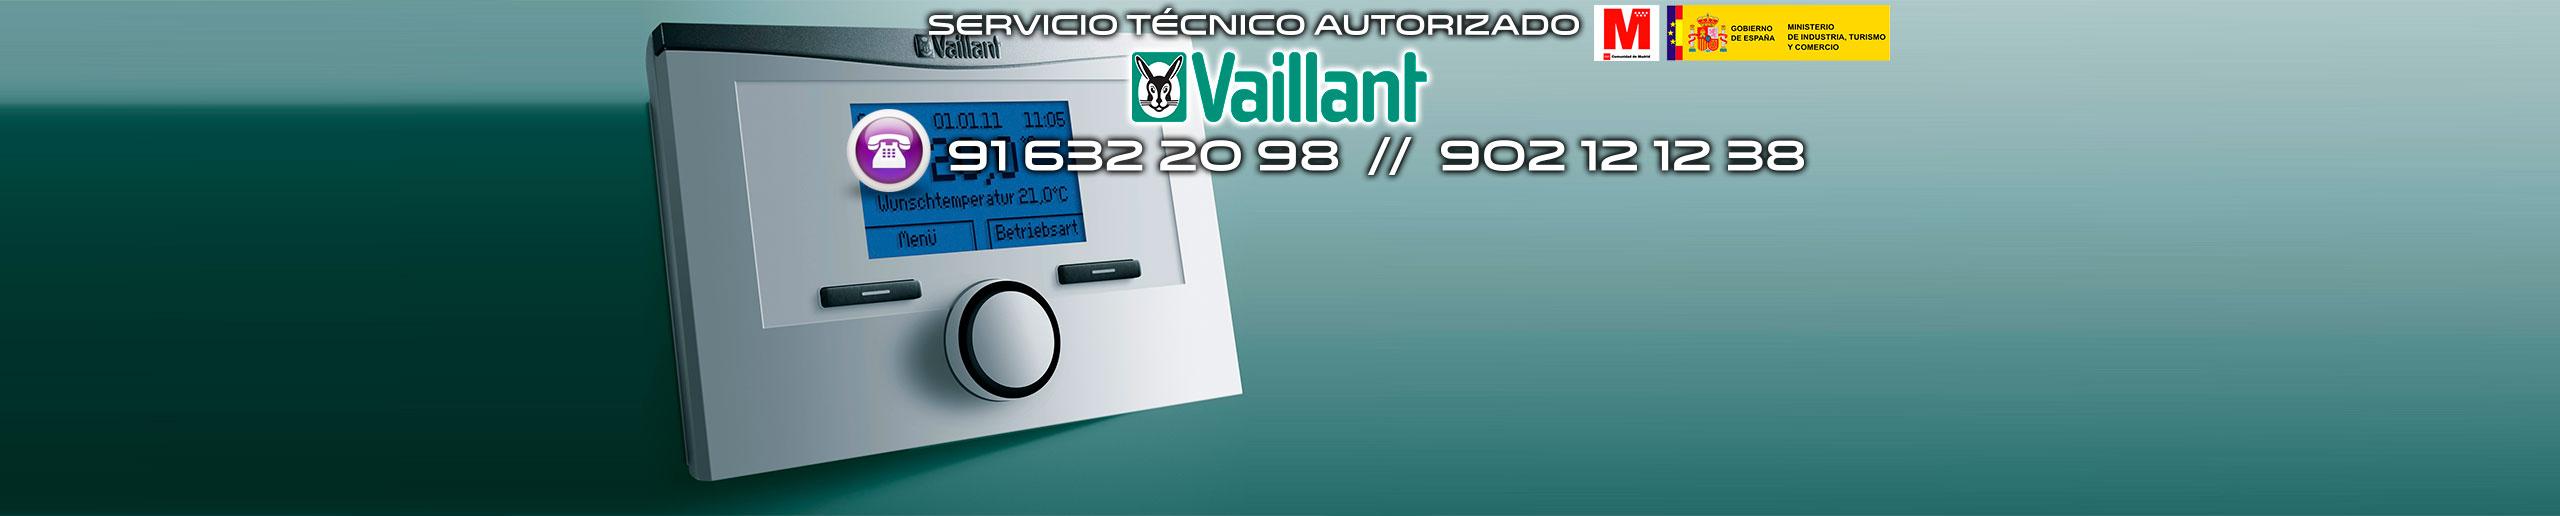 Servicio tecnico calderas vaillant t 902121238 for Tecnico calderas